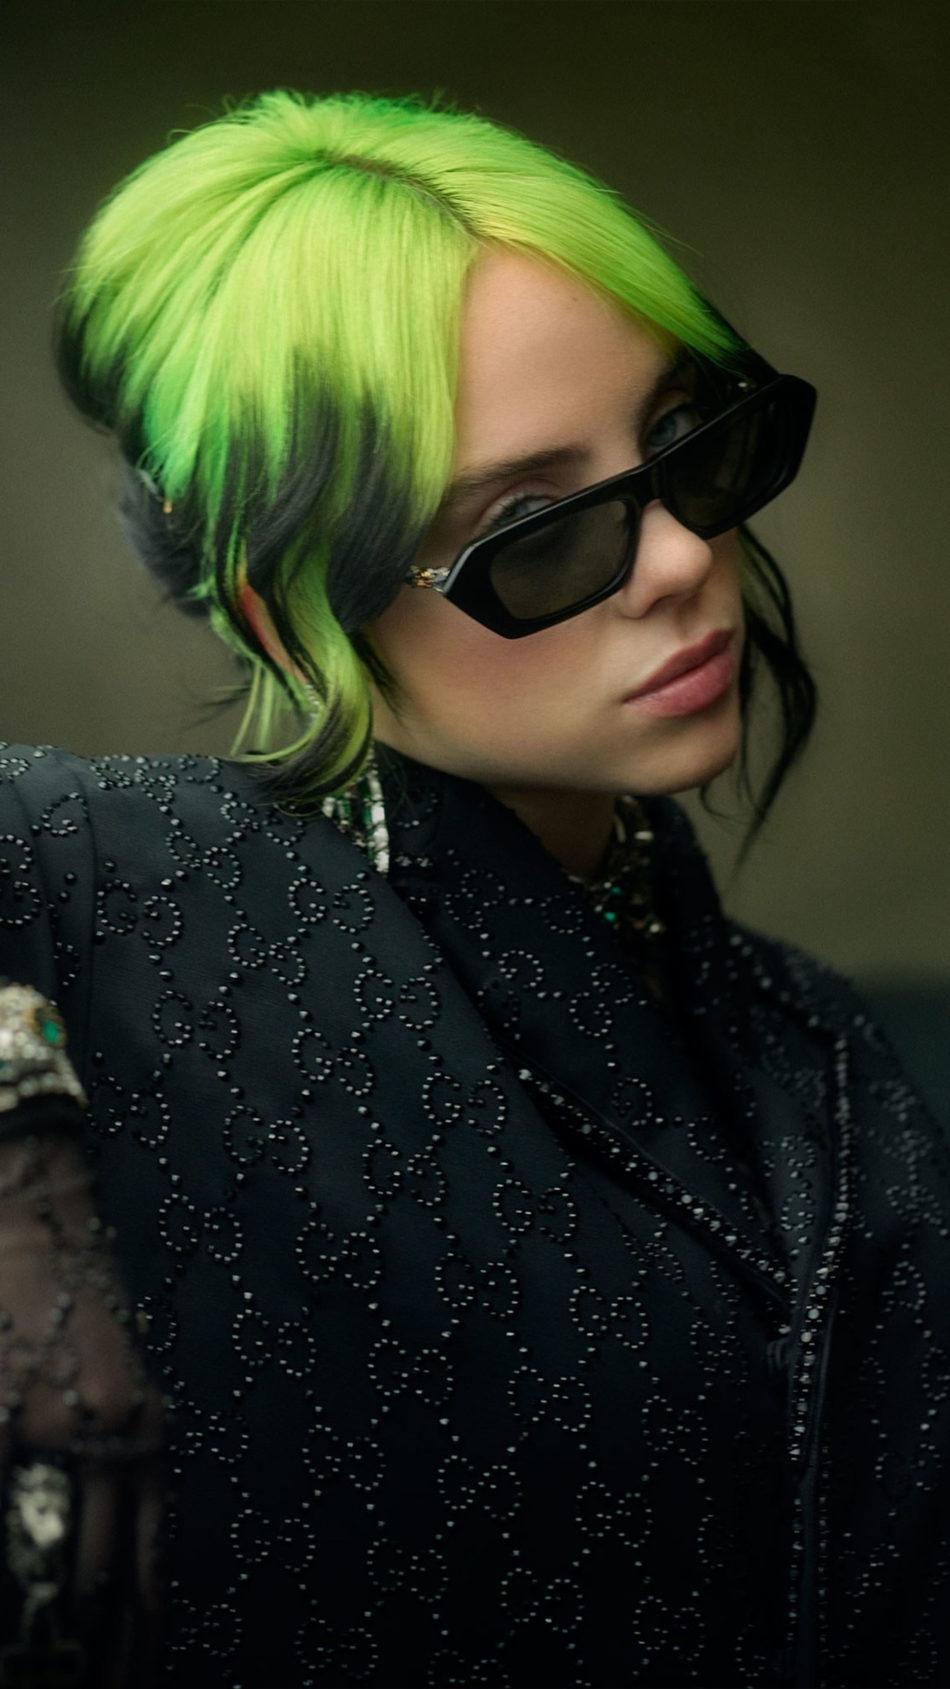 Singer Billie Eilish Green Hair 4K Ultra HD Mobile Wallpaper